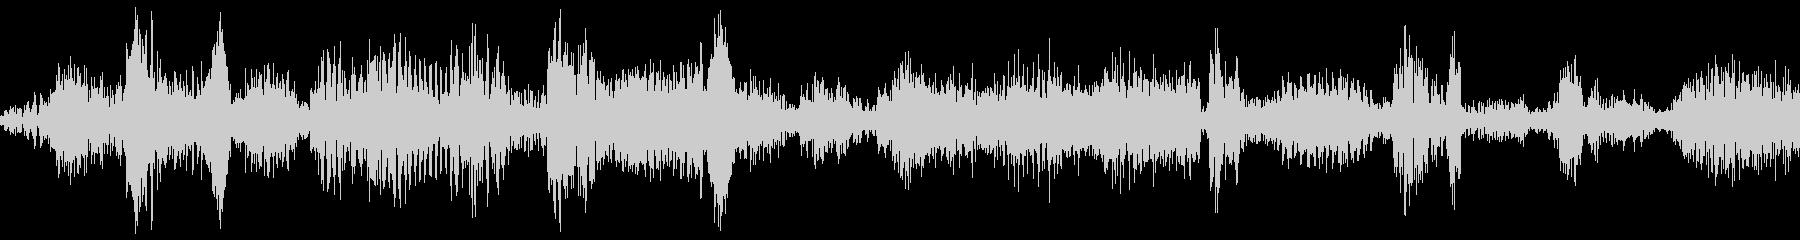 ラジオスキャン4の未再生の波形